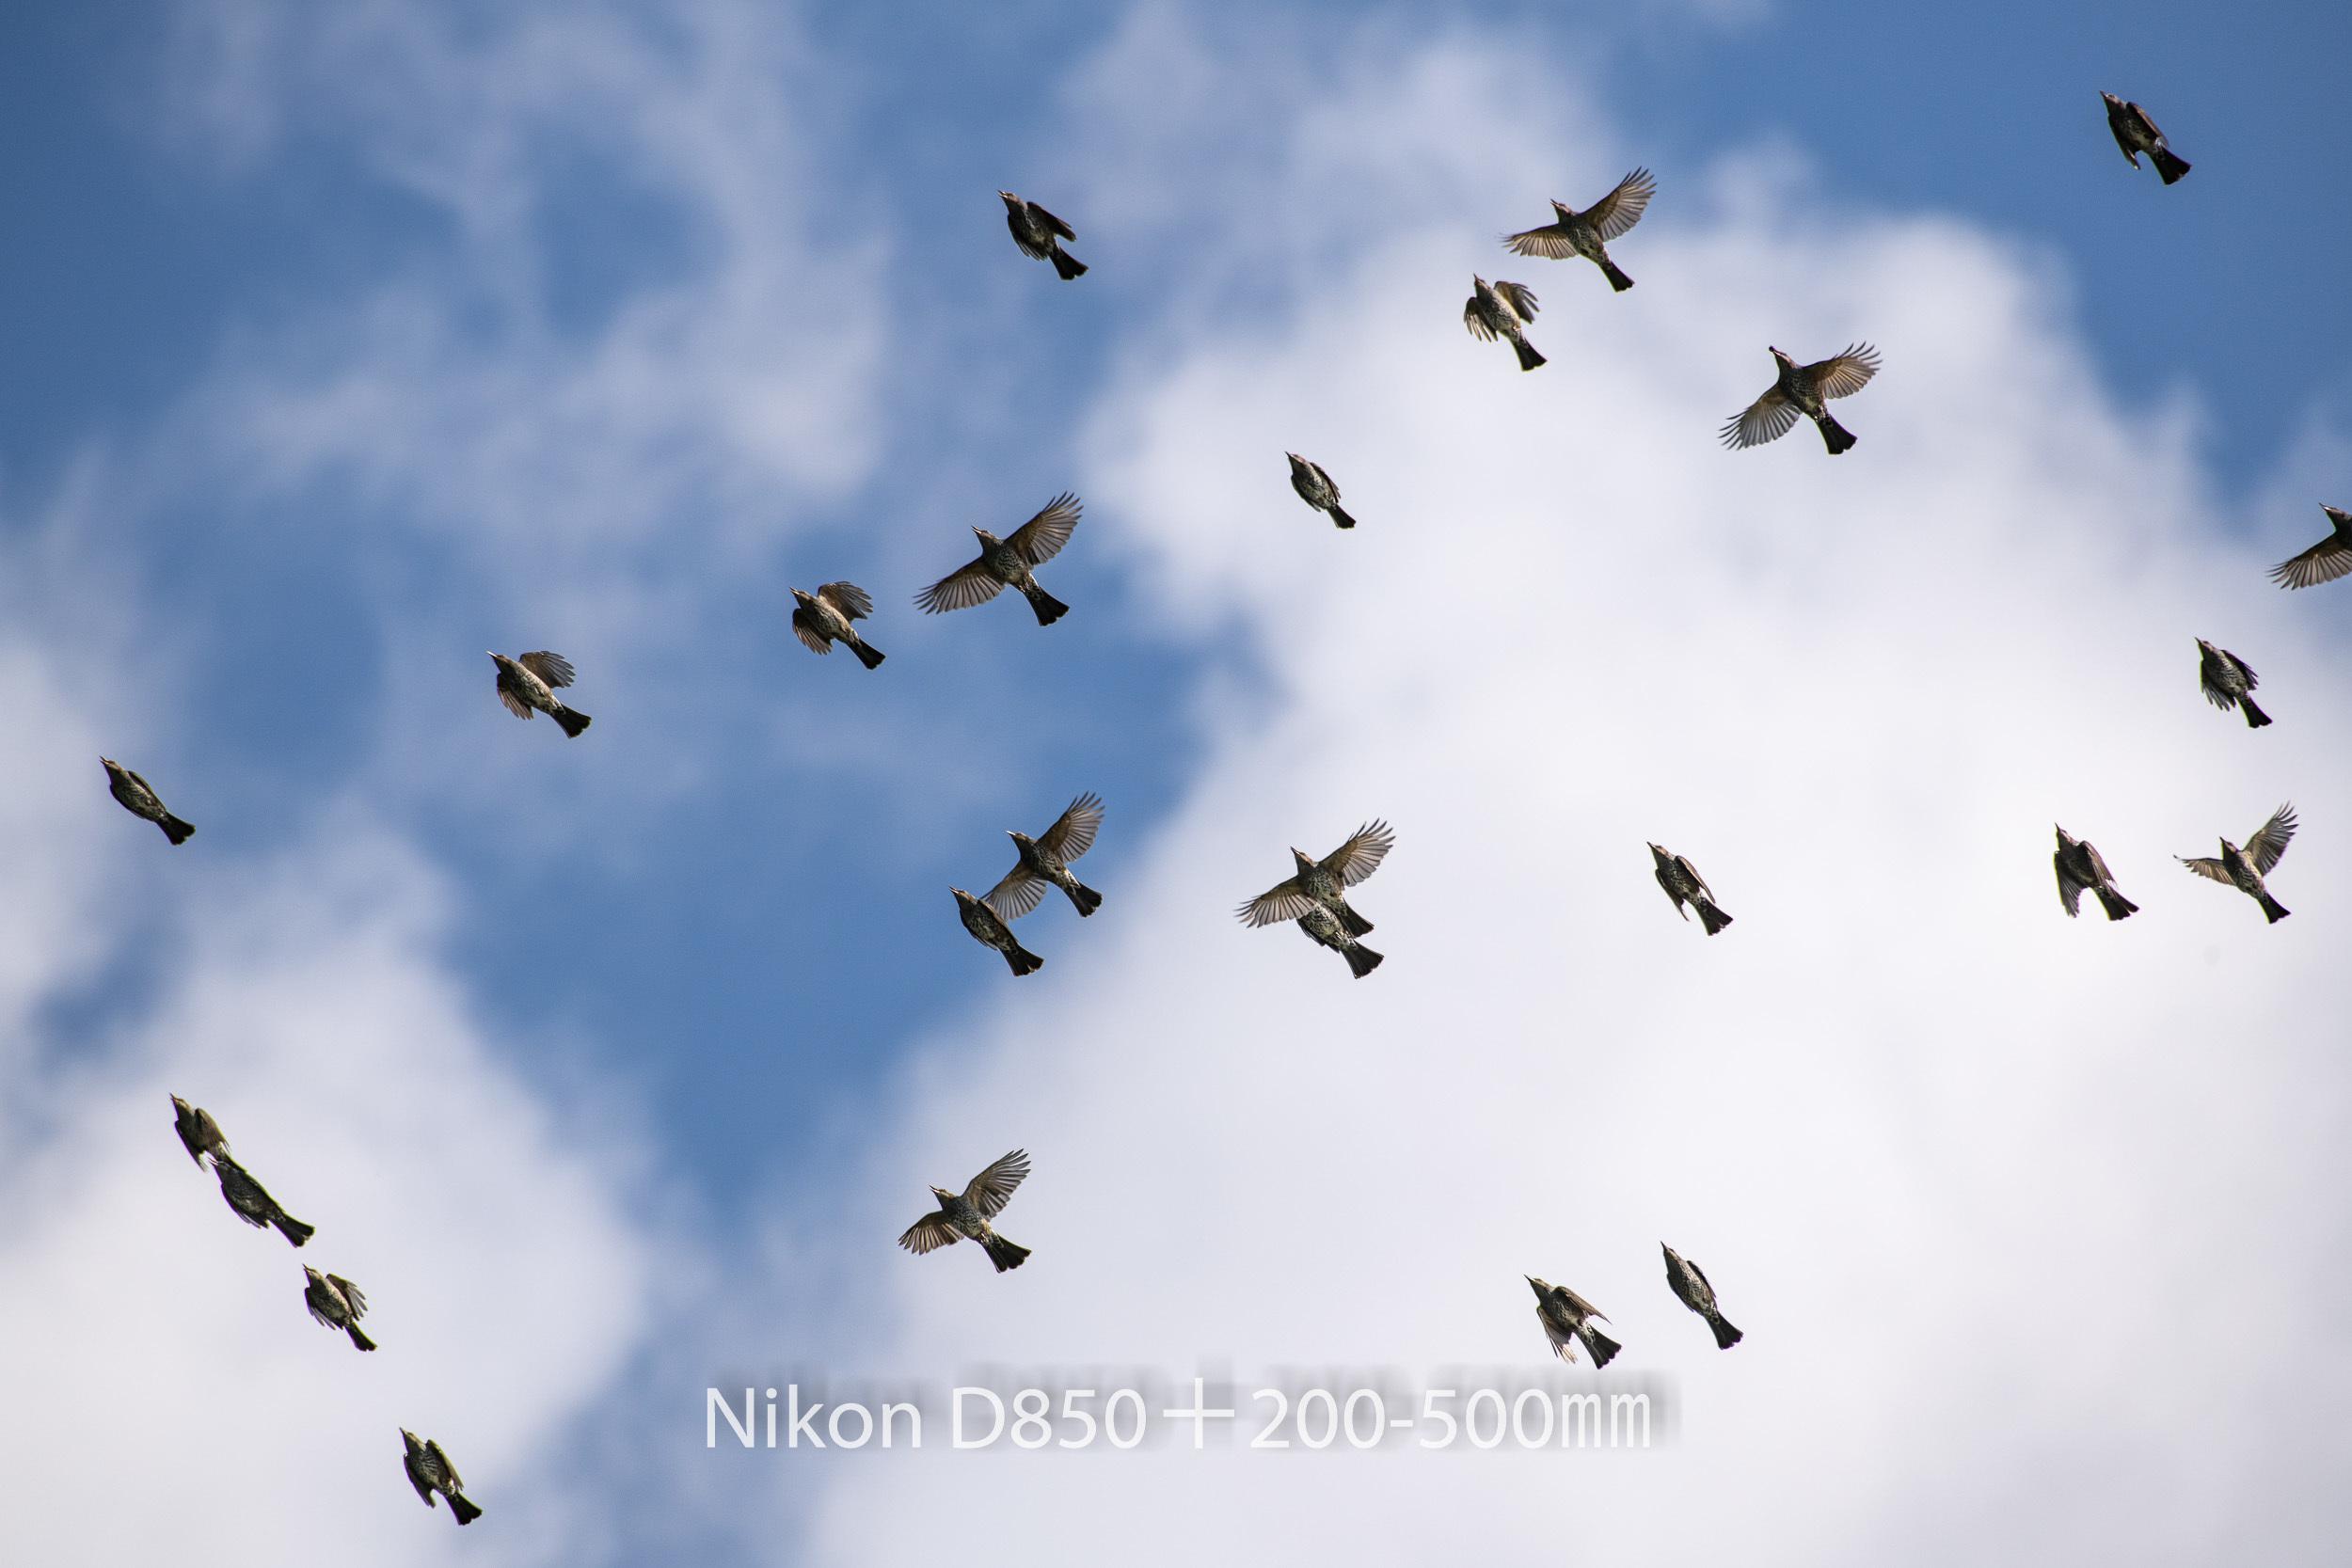 191004 ヒヨドリ集団-08 NIKON D850 ISO 100 500 mm 8256 x 5504